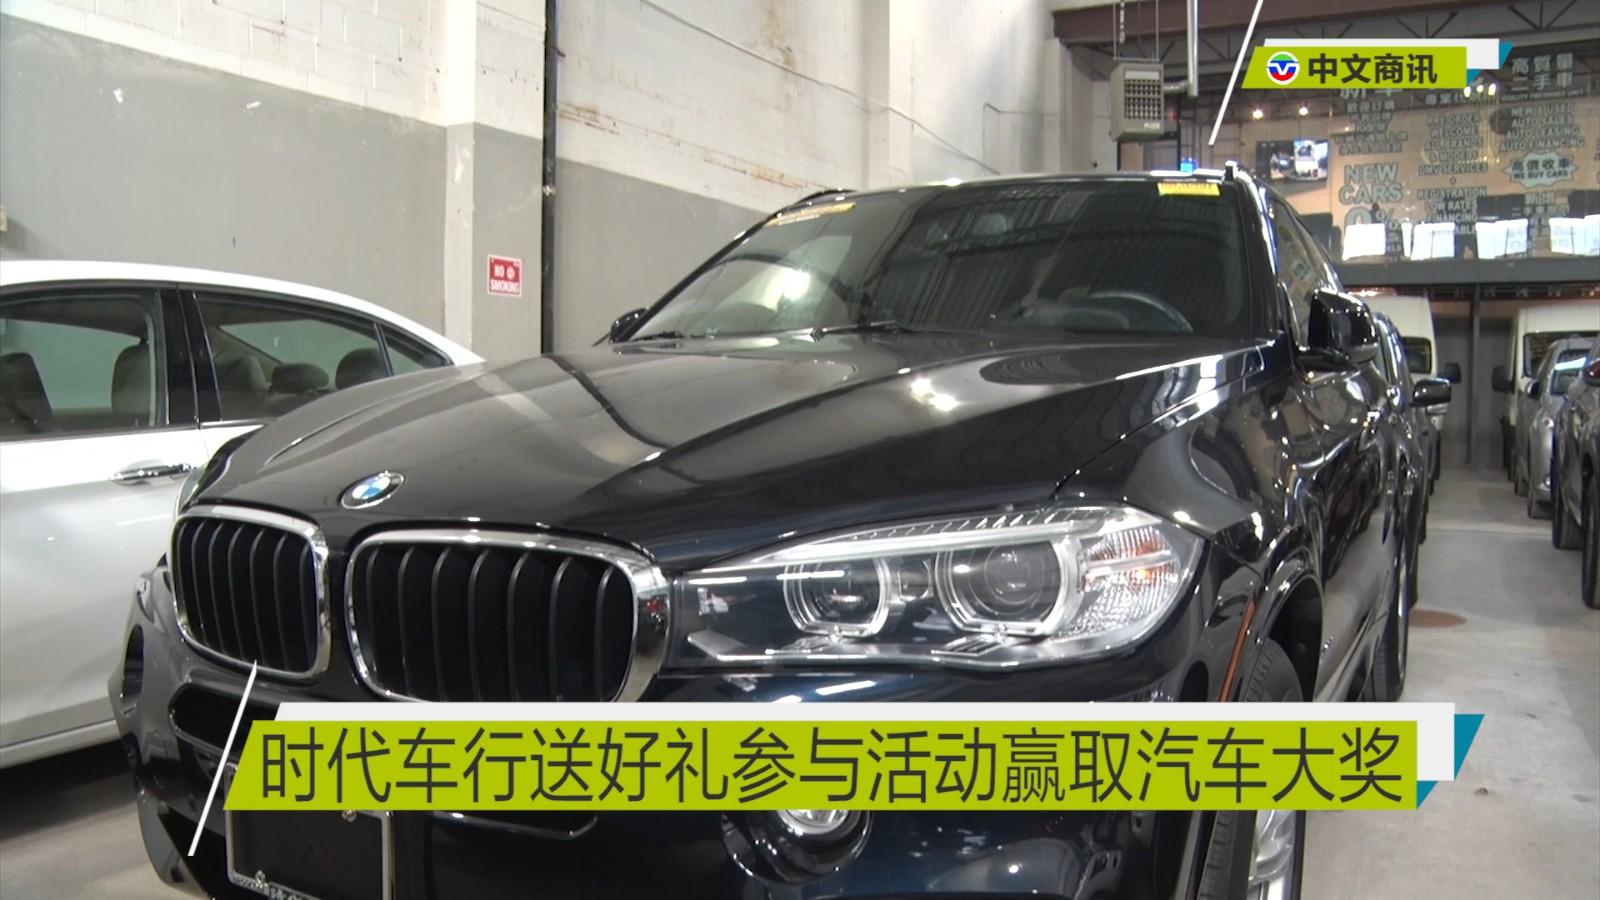 【视频】时代车行送好礼! 参与活动赢取汽车大奖